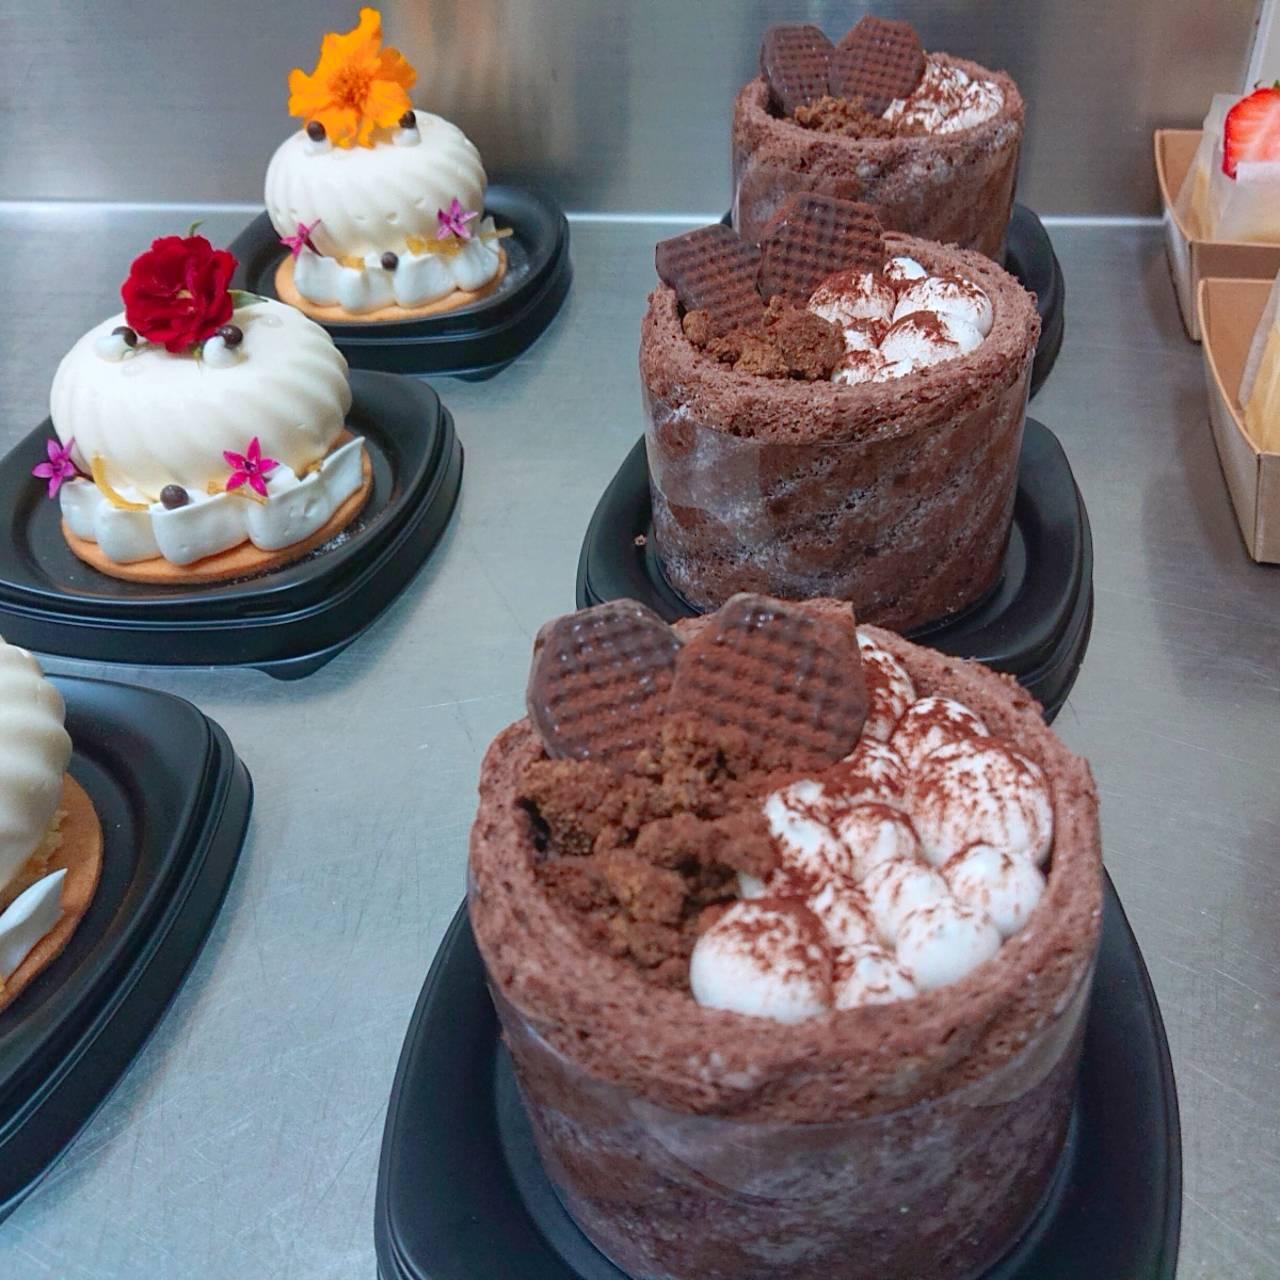 夏洛特蛋糕 (巧克力布蕾)